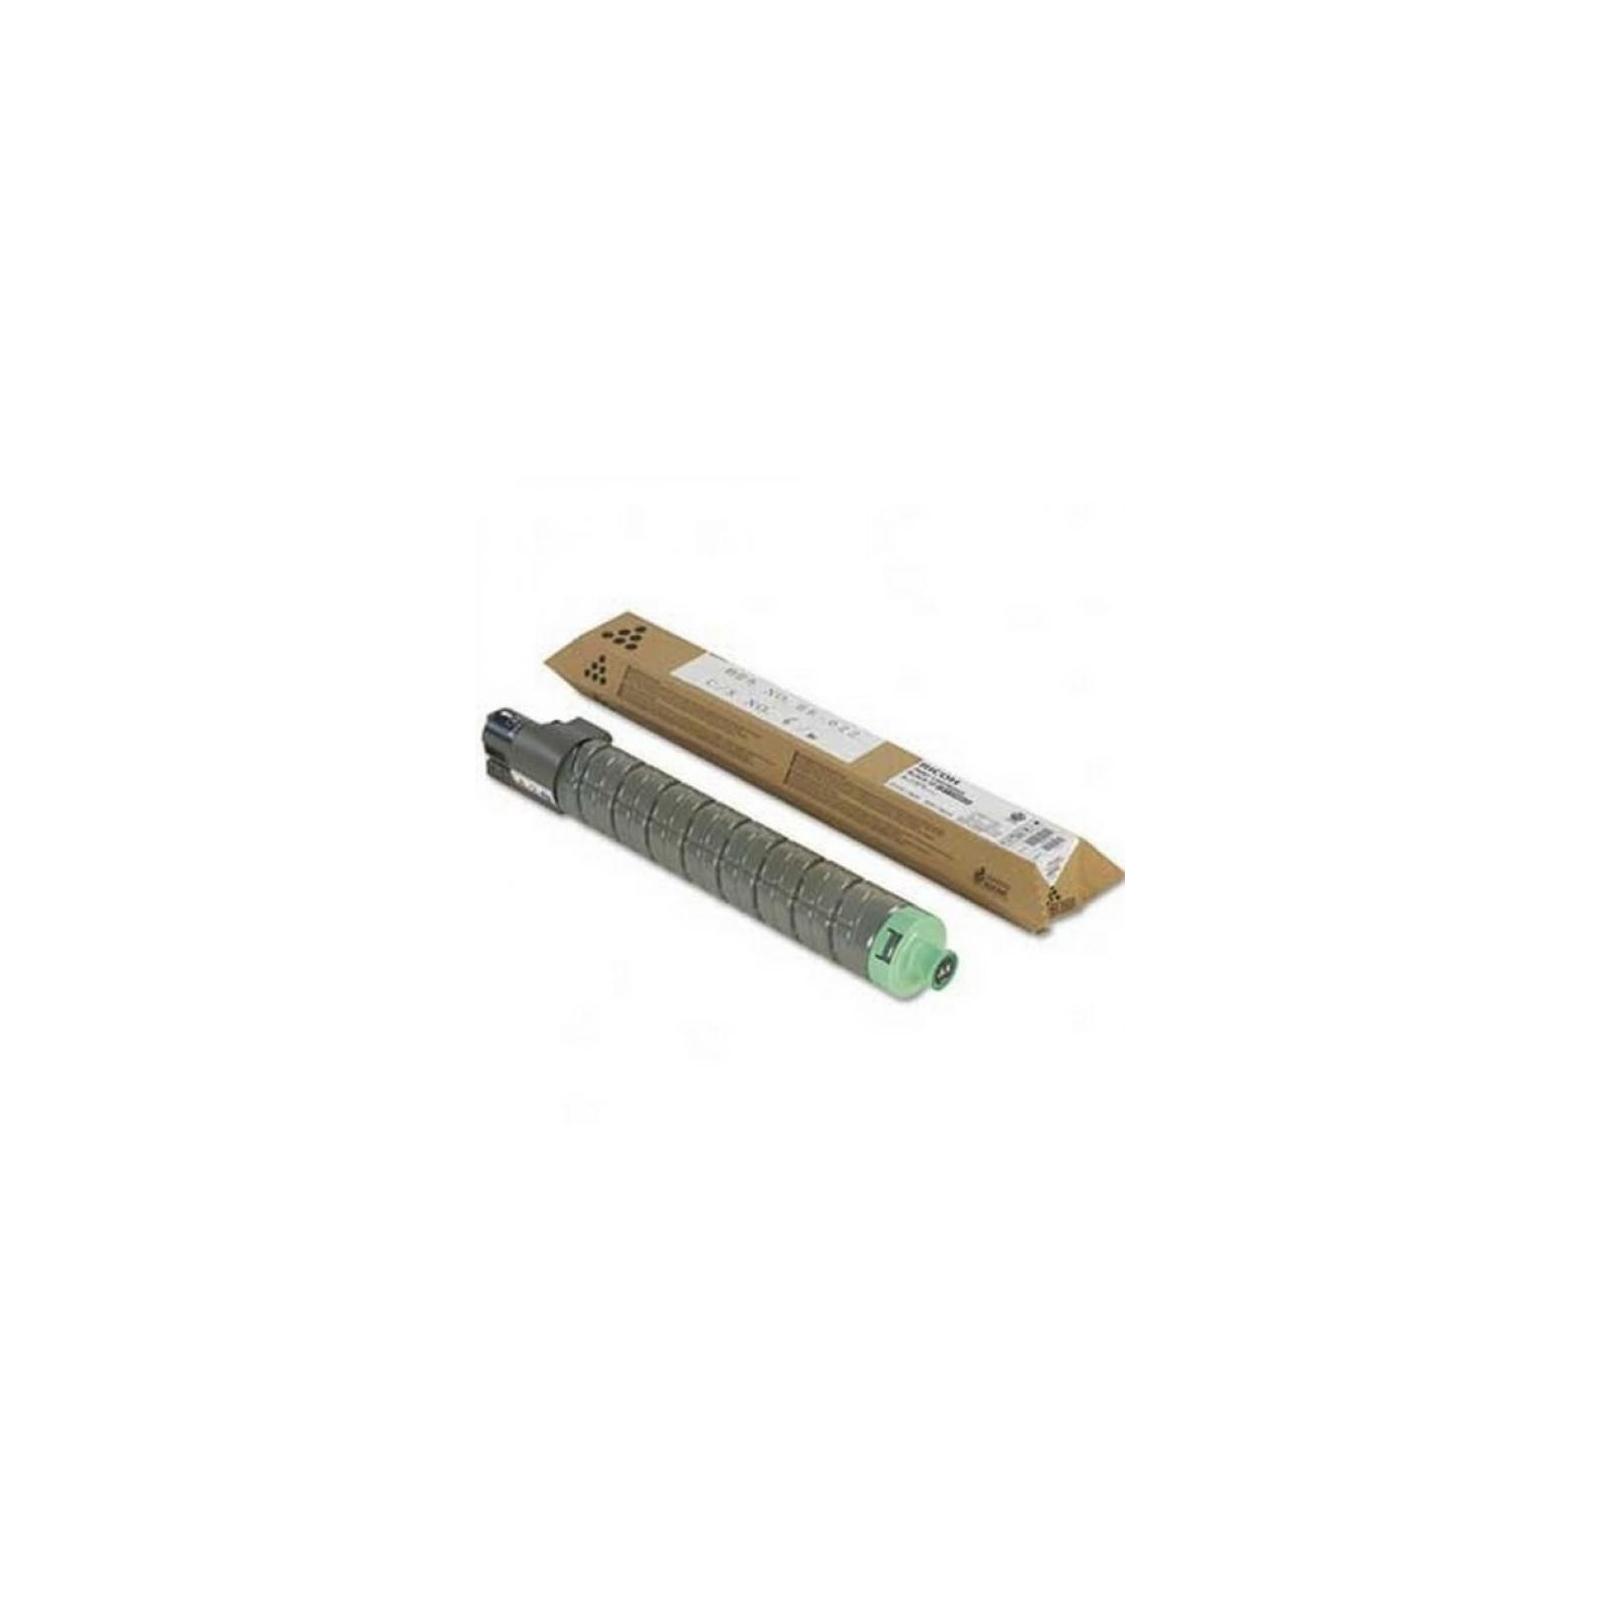 Тонер-картридж Ricoh MPC2050/MPC2051/MPC2550/MPC2551 Black 10K (841587/842061)